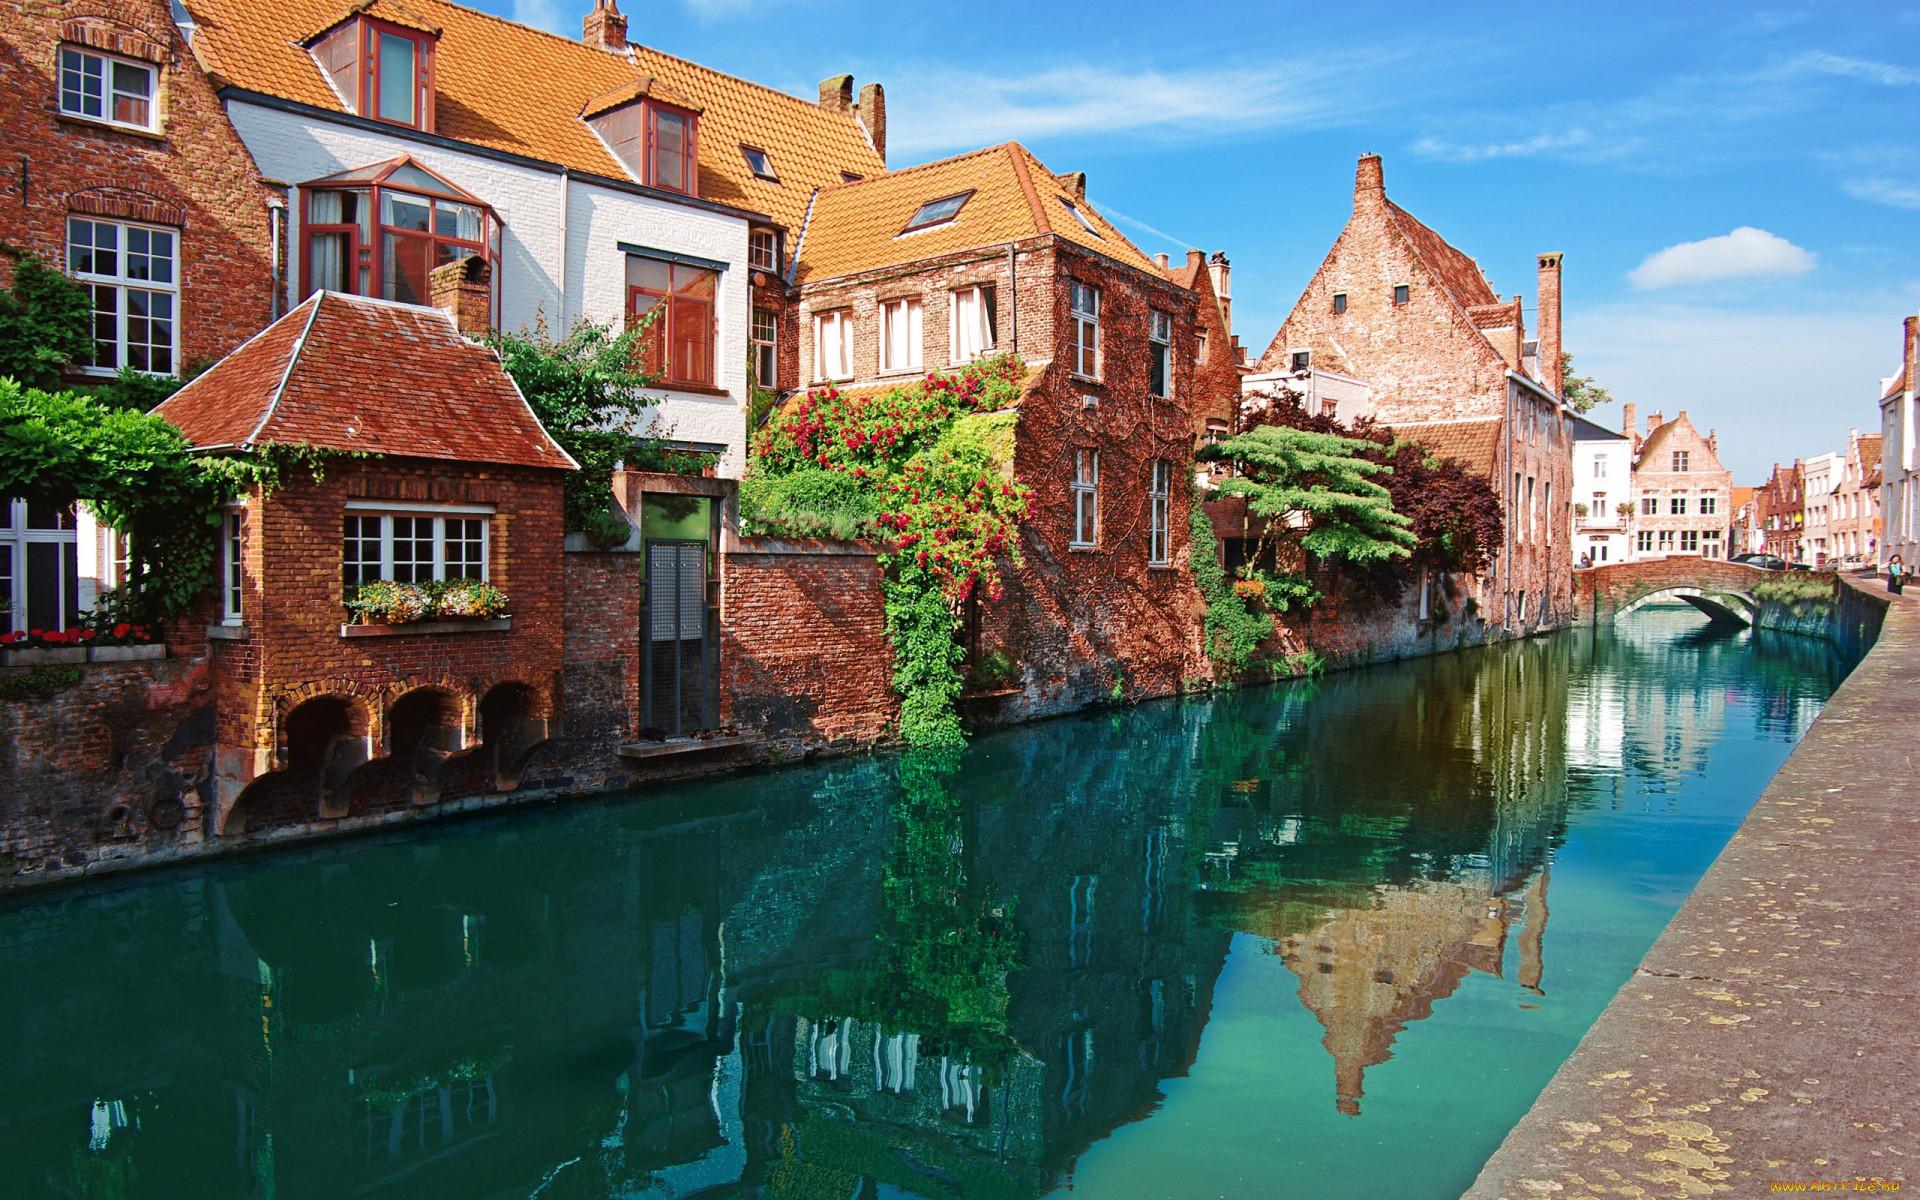 обоями картинками города европы в картинках хозяйка хочет